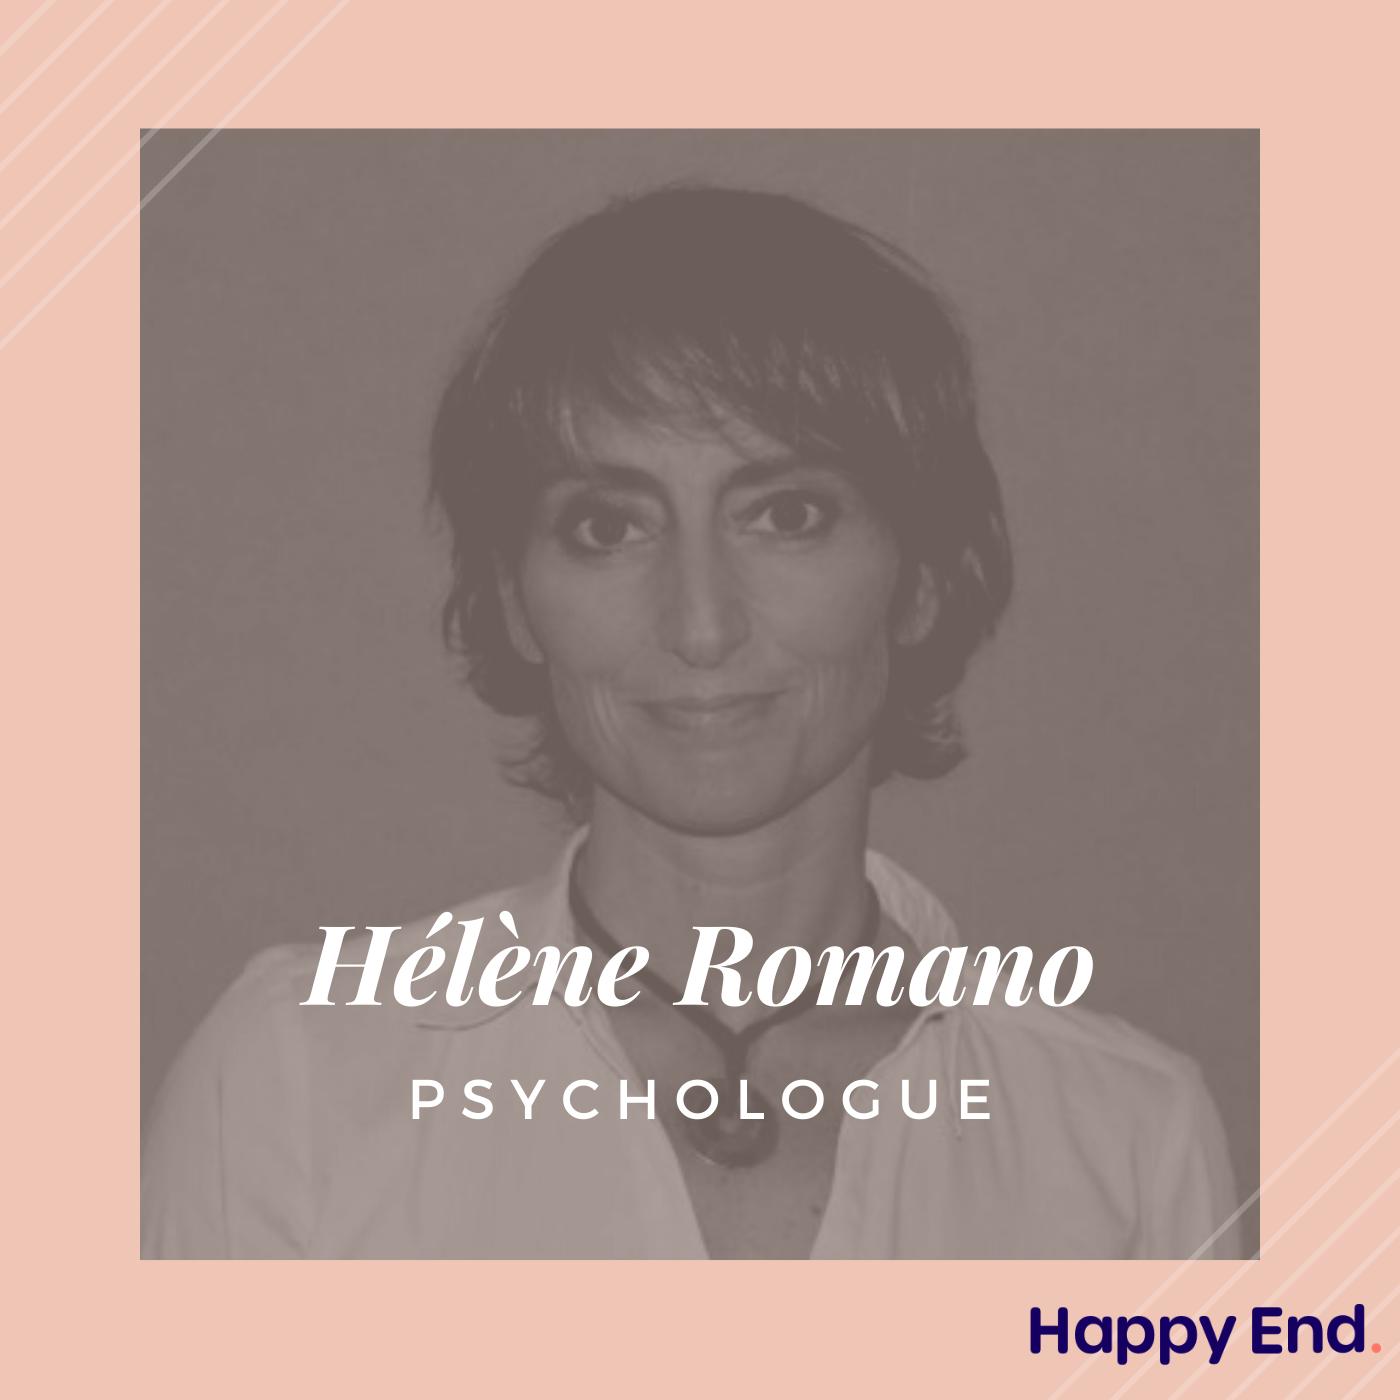 """#2 Hélène Romano, psychologue - """"Le deuil n'est pas une maladie"""""""